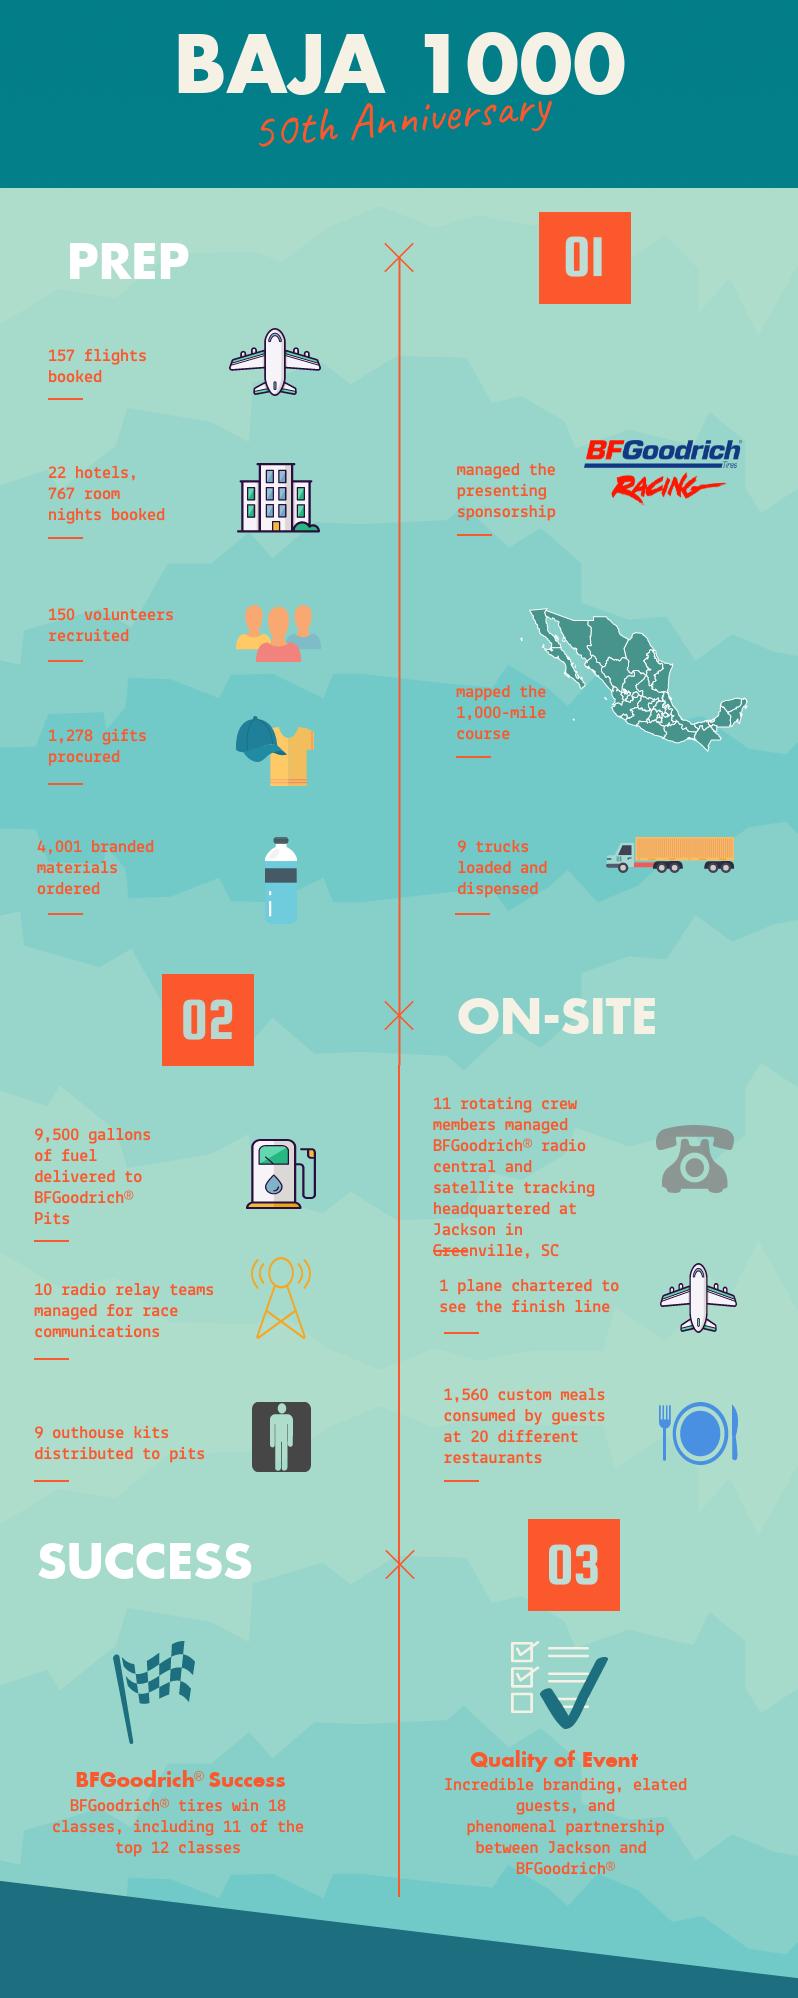 Baja1000-infographic